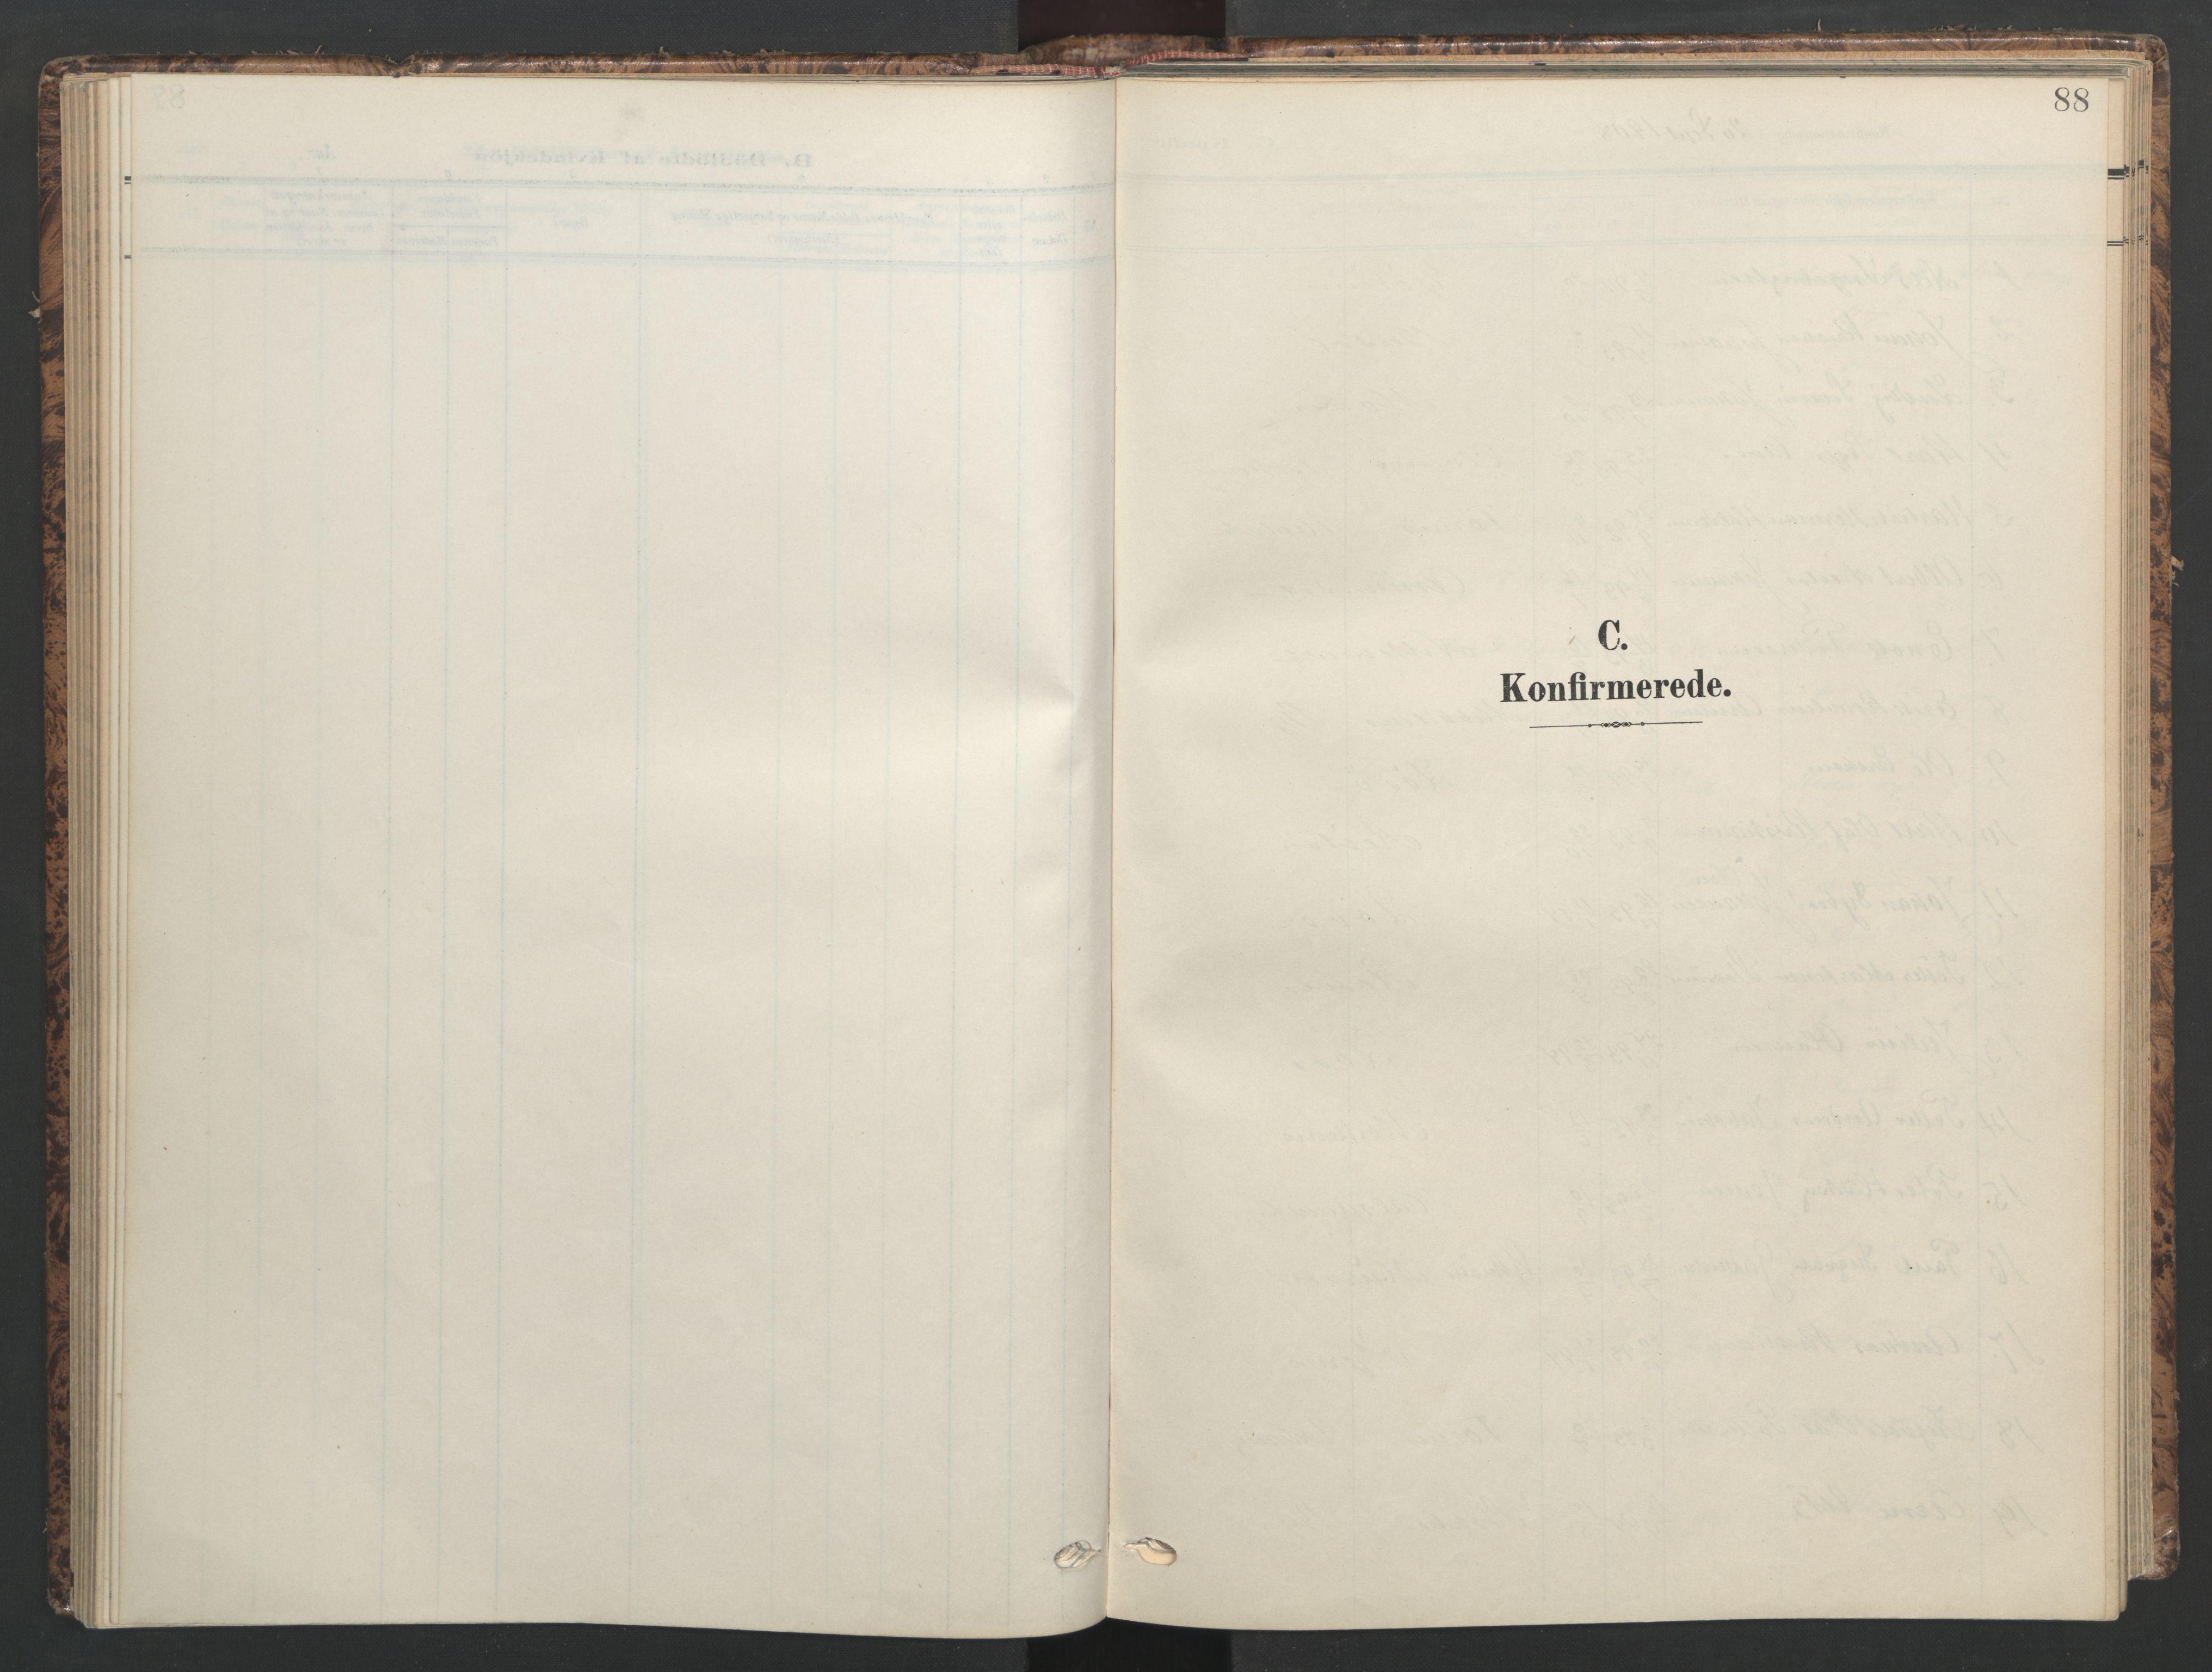 SAT, Ministerialprotokoller, klokkerbøker og fødselsregistre - Sør-Trøndelag, 655/L0682: Ministerialbok nr. 655A11, 1908-1922, s. 88